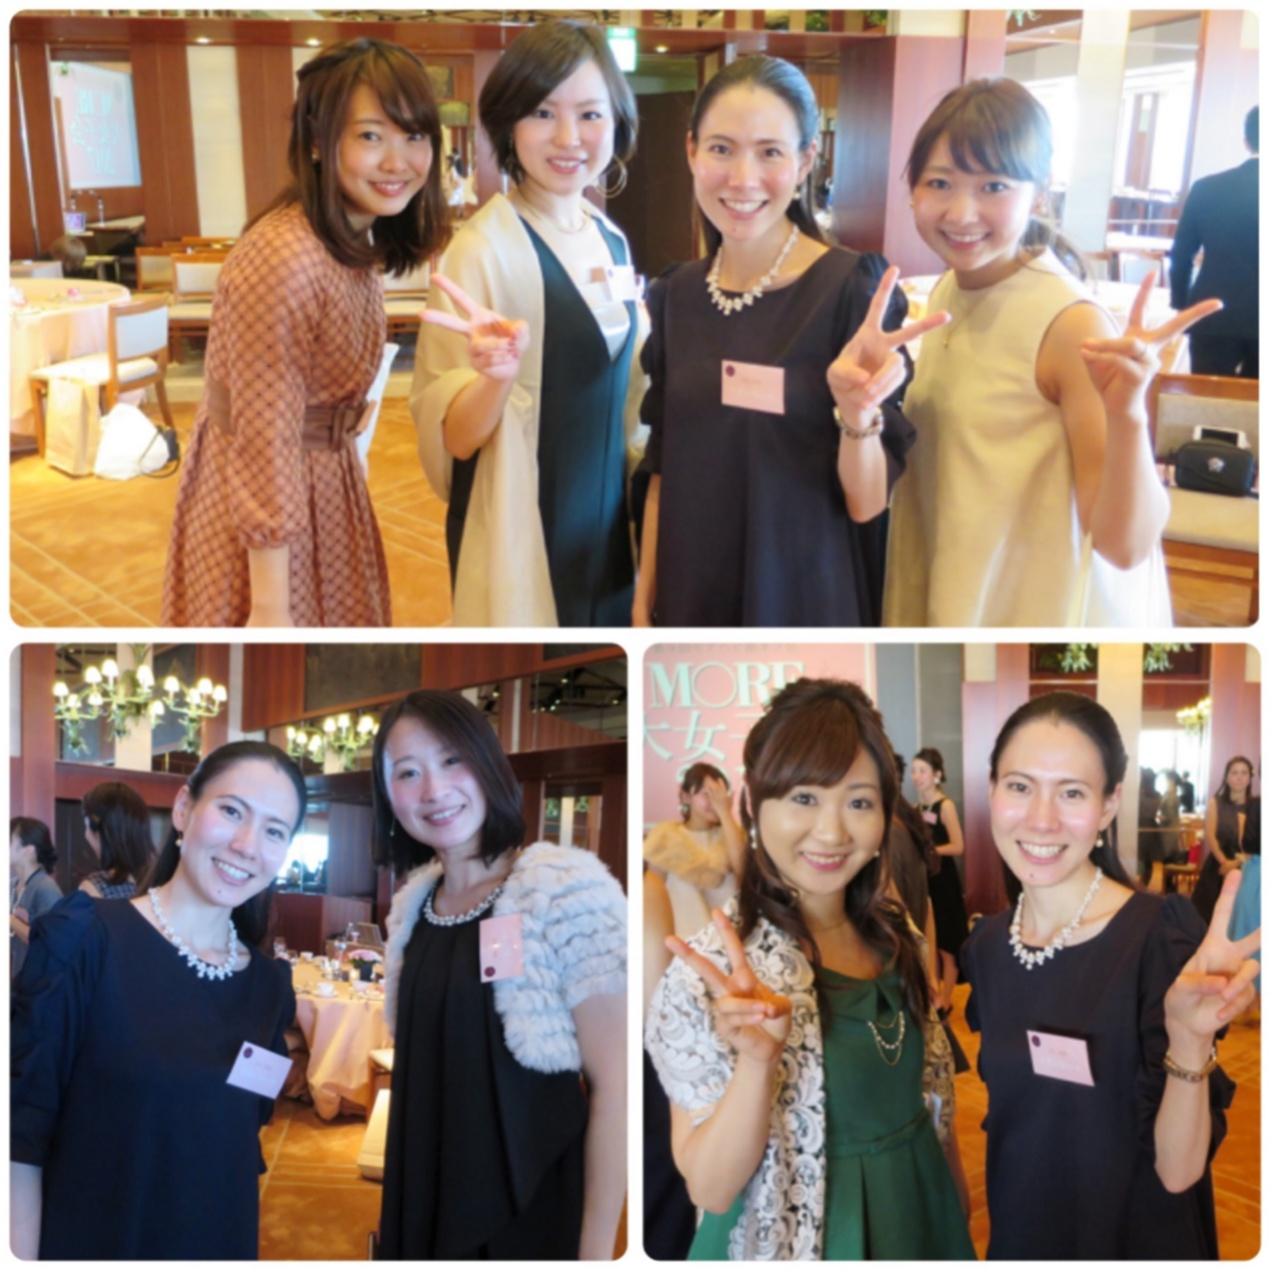 《 年に一度の大イベント! 》かわいい女子に、美味しいお料理、スペシャルゲスト!楽しいモア大女子会をレポート♡_10